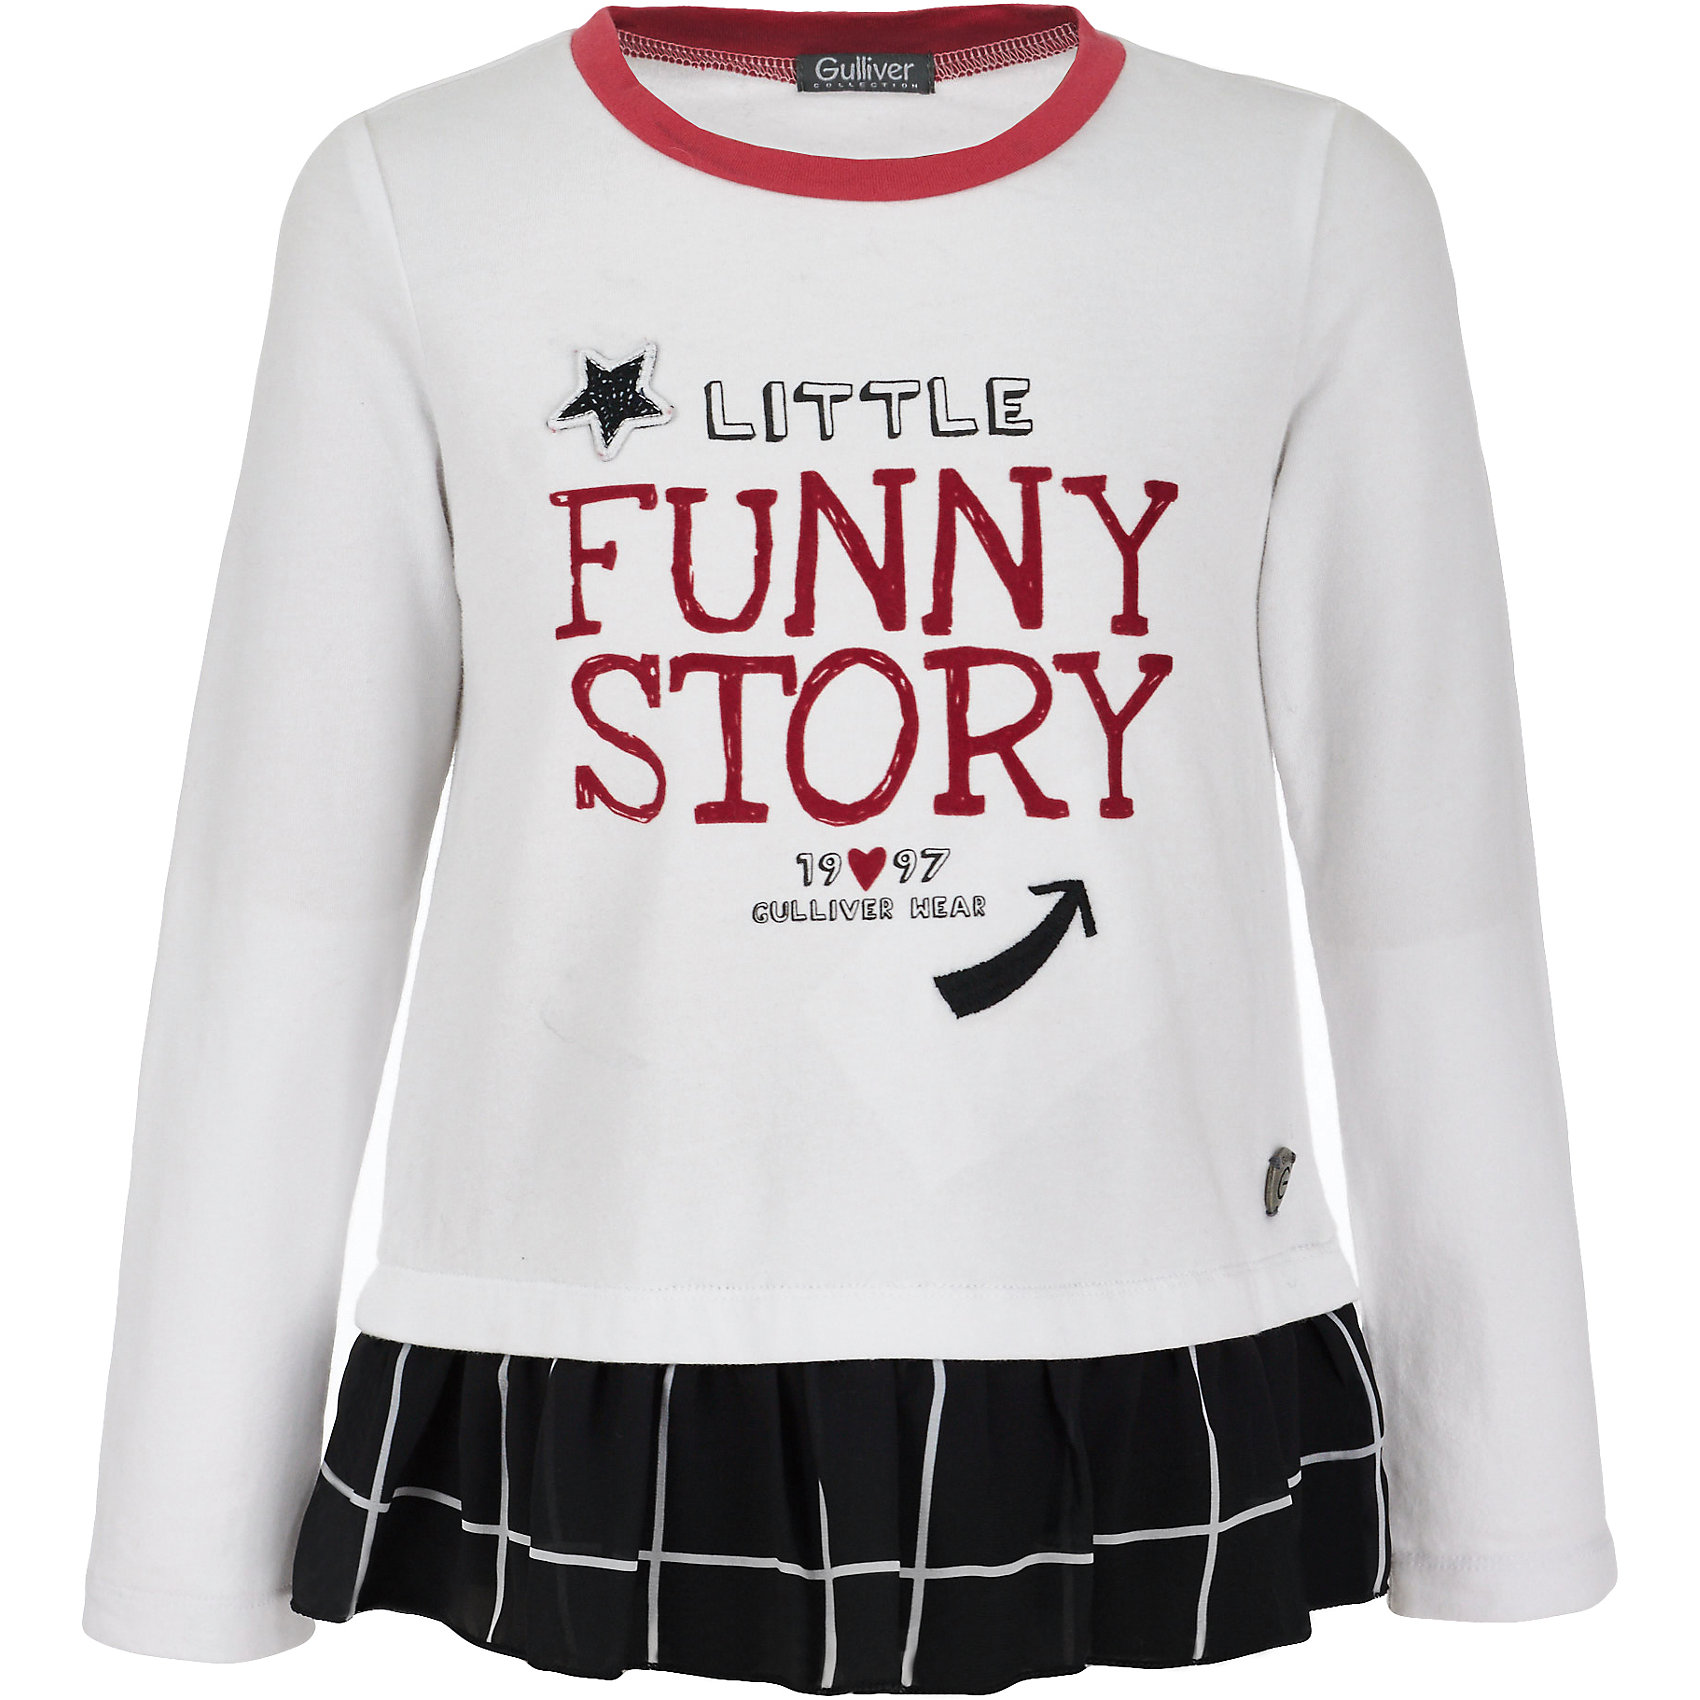 Футболка с длинным рукавом Gulliver для девочкиФутболки с длинным рукавом<br>Футболка Gulliver для девочки<br>Детские футболки - основа повседневного гардероба! Удобные и красивые, стильные трикотажные футболки способны добавить образу изюминку, а также подарить комфорт и свободу движений. Если вы хотите приобрести модную вещь на каждый день, вам стоит купить футболку с длинным рукавом от Gulliver. Интересный дизайн модели, имитирующий актуальную многослойность, построенную на сочетании фактур, а также крупный выразительный принт на передней части изделия и цветная отделка делают футболку необычной и интересной.<br>Состав:<br>95% хлопок         5% эластан<br><br>Ширина мм: 199<br>Глубина мм: 10<br>Высота мм: 161<br>Вес г: 151<br>Цвет: белый<br>Возраст от месяцев: 60<br>Возраст до месяцев: 72<br>Пол: Женский<br>Возраст: Детский<br>Размер: 116,98,104,110<br>SKU: 7078408